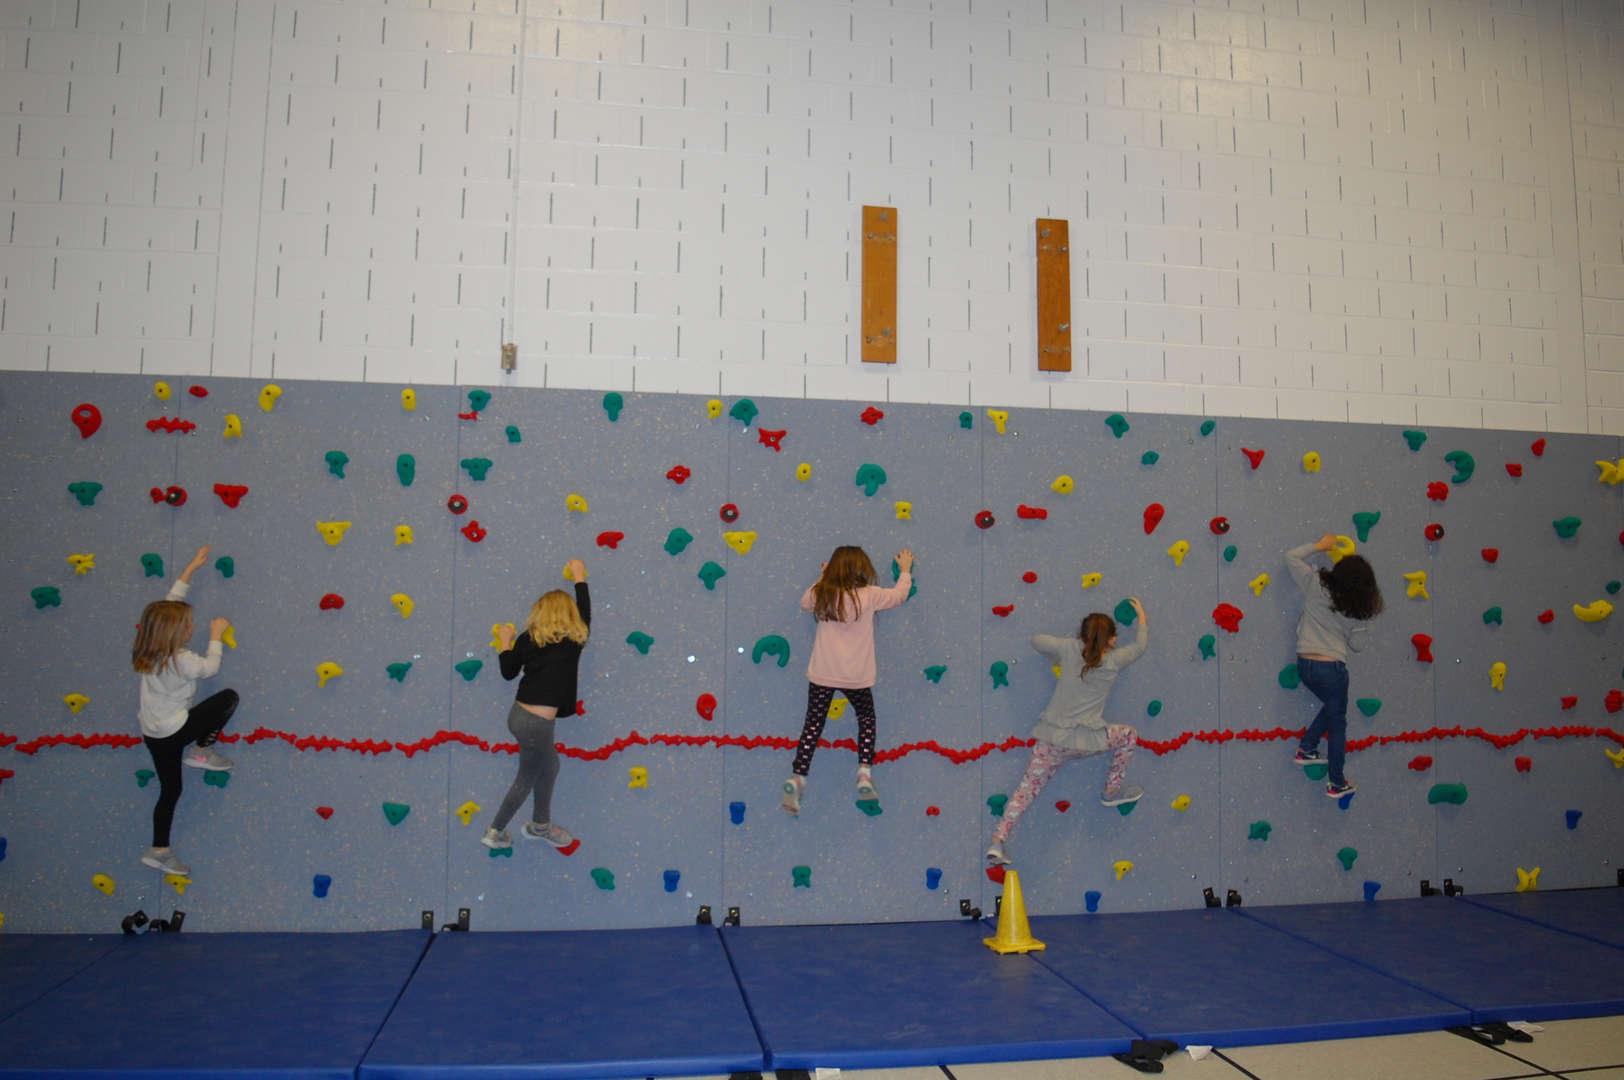 Children Climbing on Wall